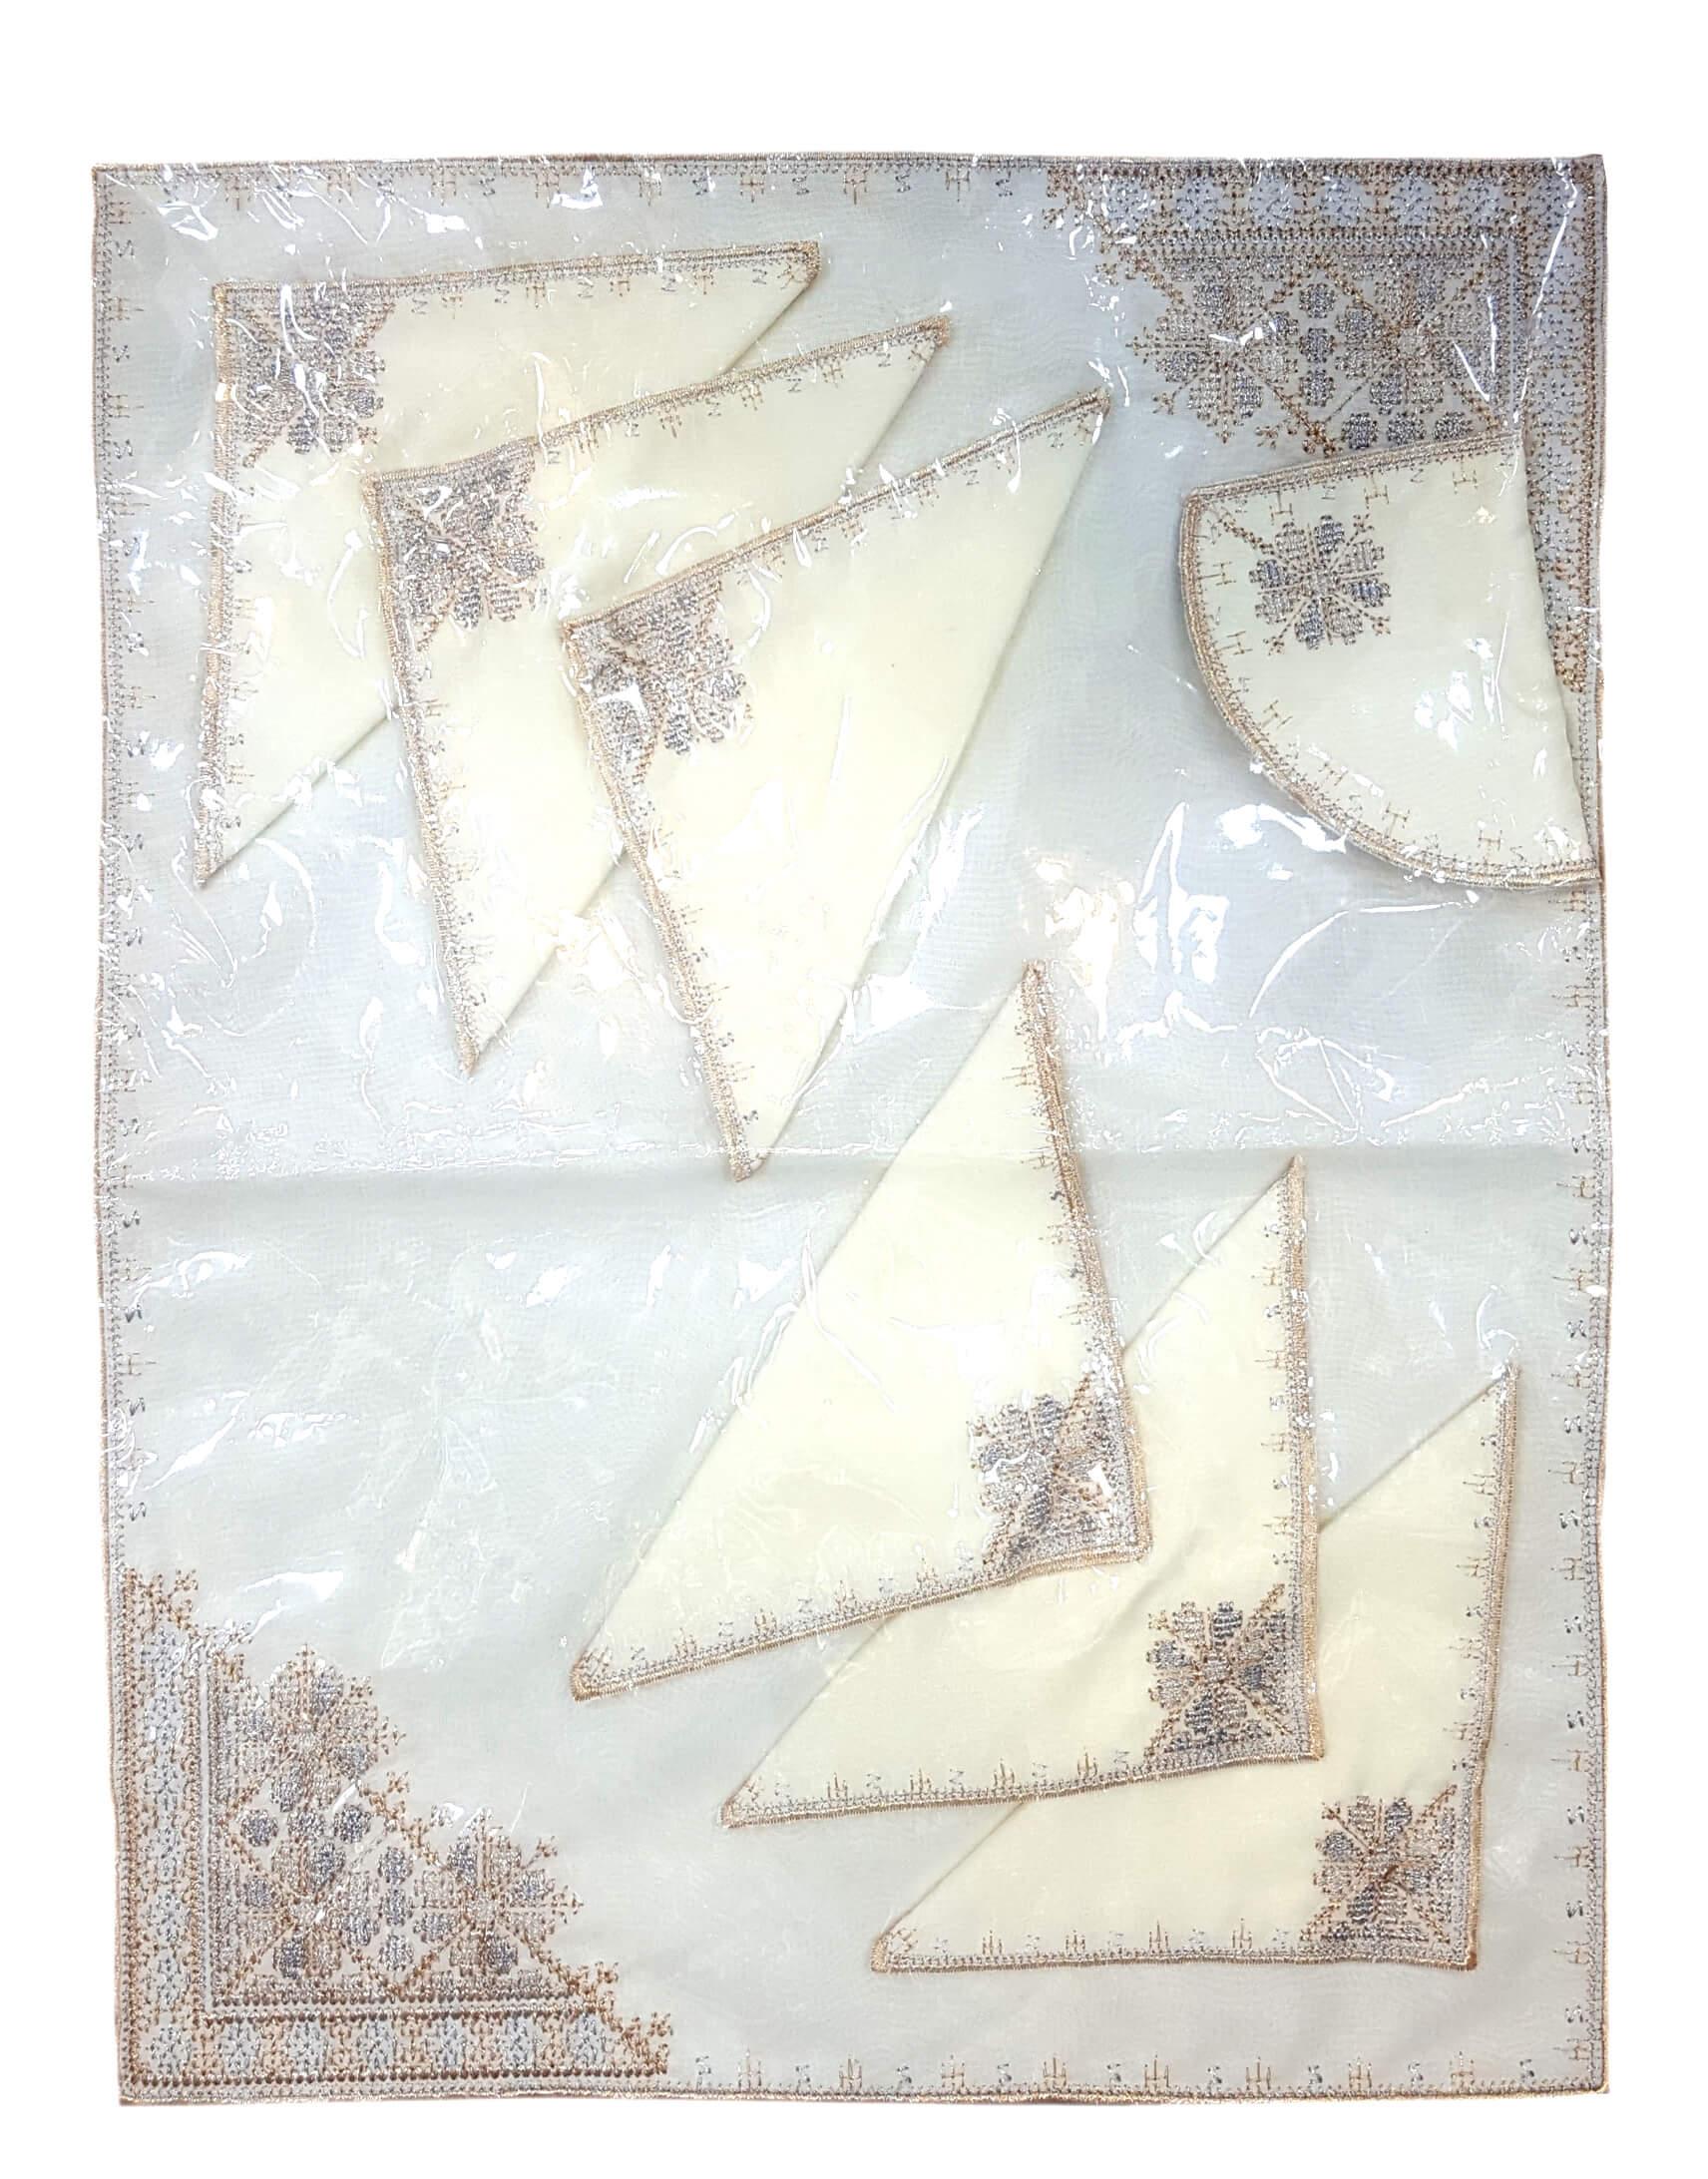 Fond de plateau & serviettes brodé